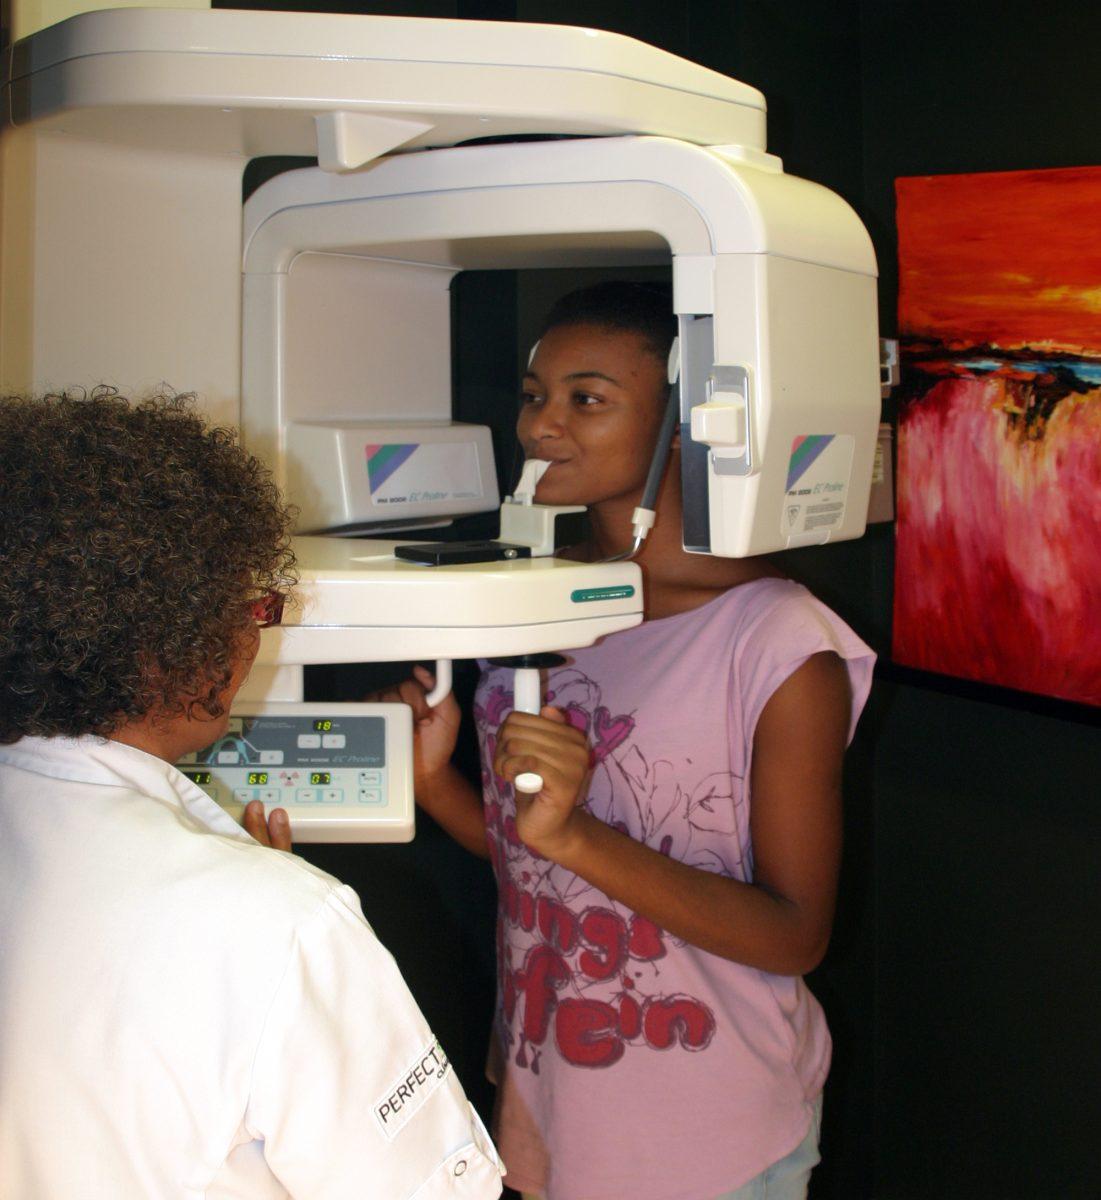 Ortopantomografia Digital na Clinica PRIVÉ - Portimão